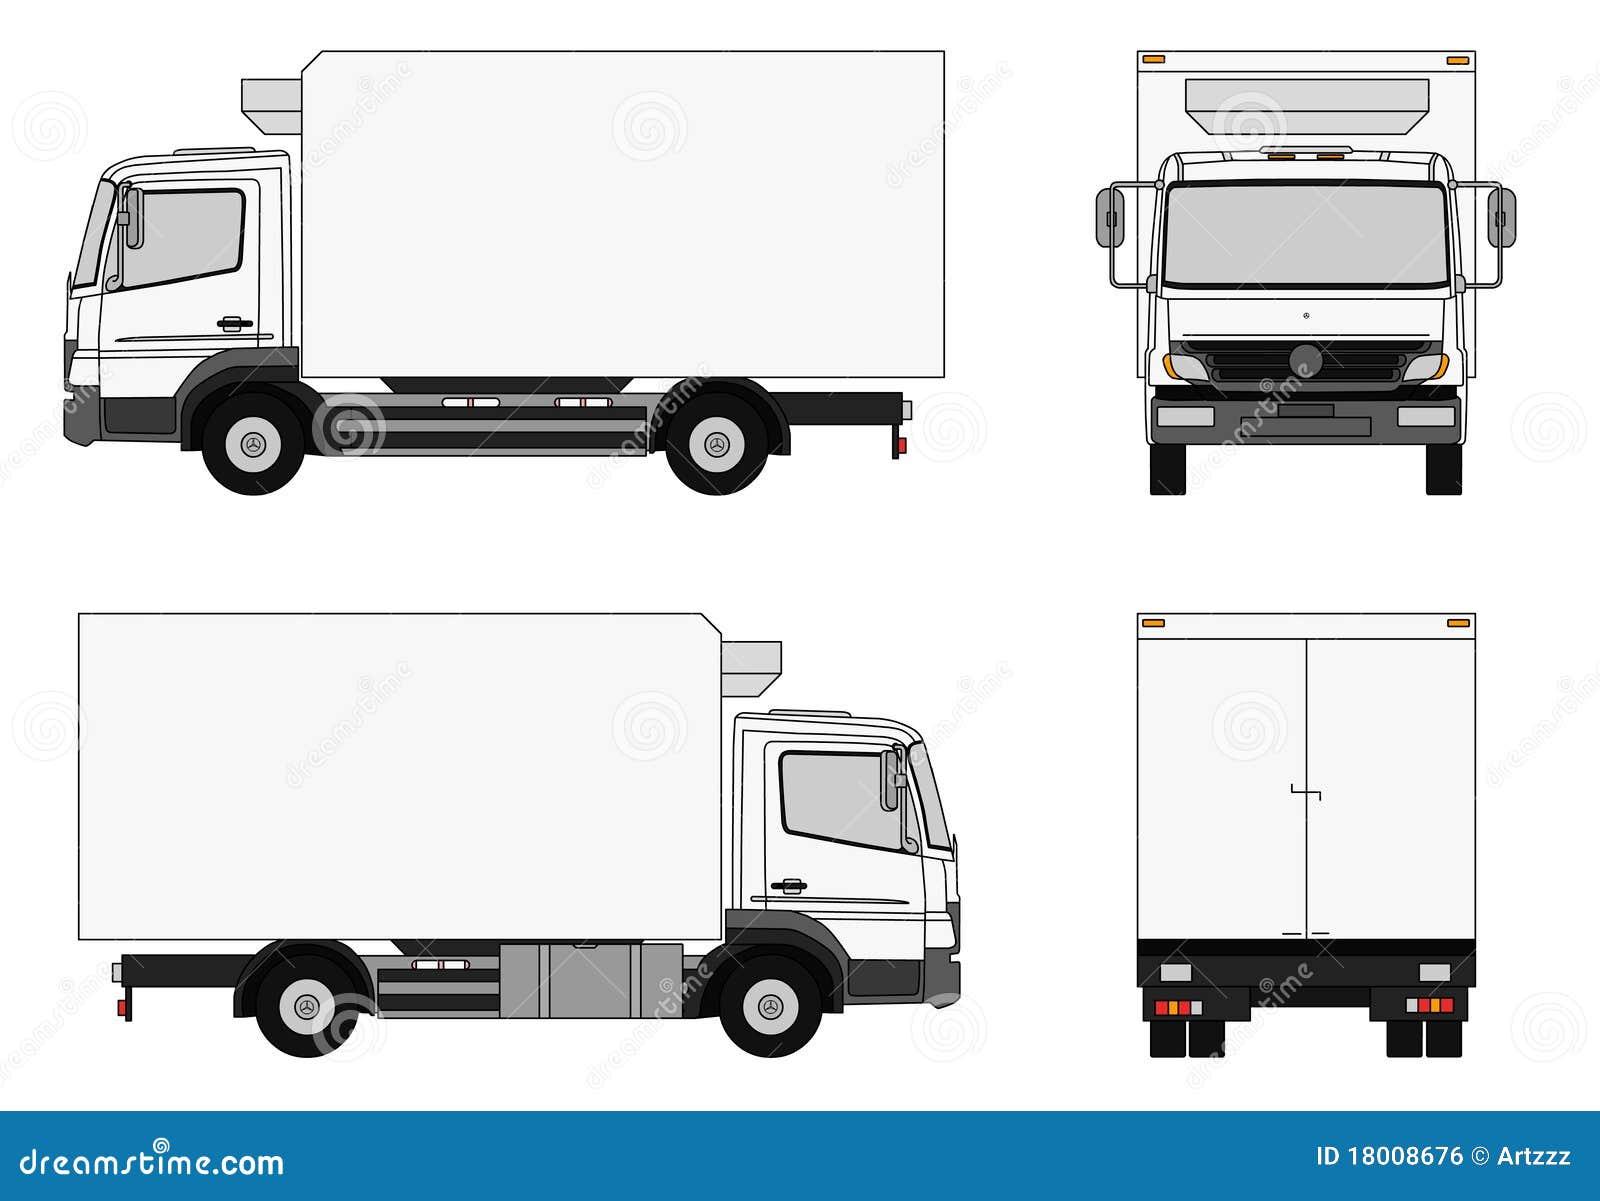 lieferwagen stock abbildung illustration von eilbote 18008676. Black Bedroom Furniture Sets. Home Design Ideas